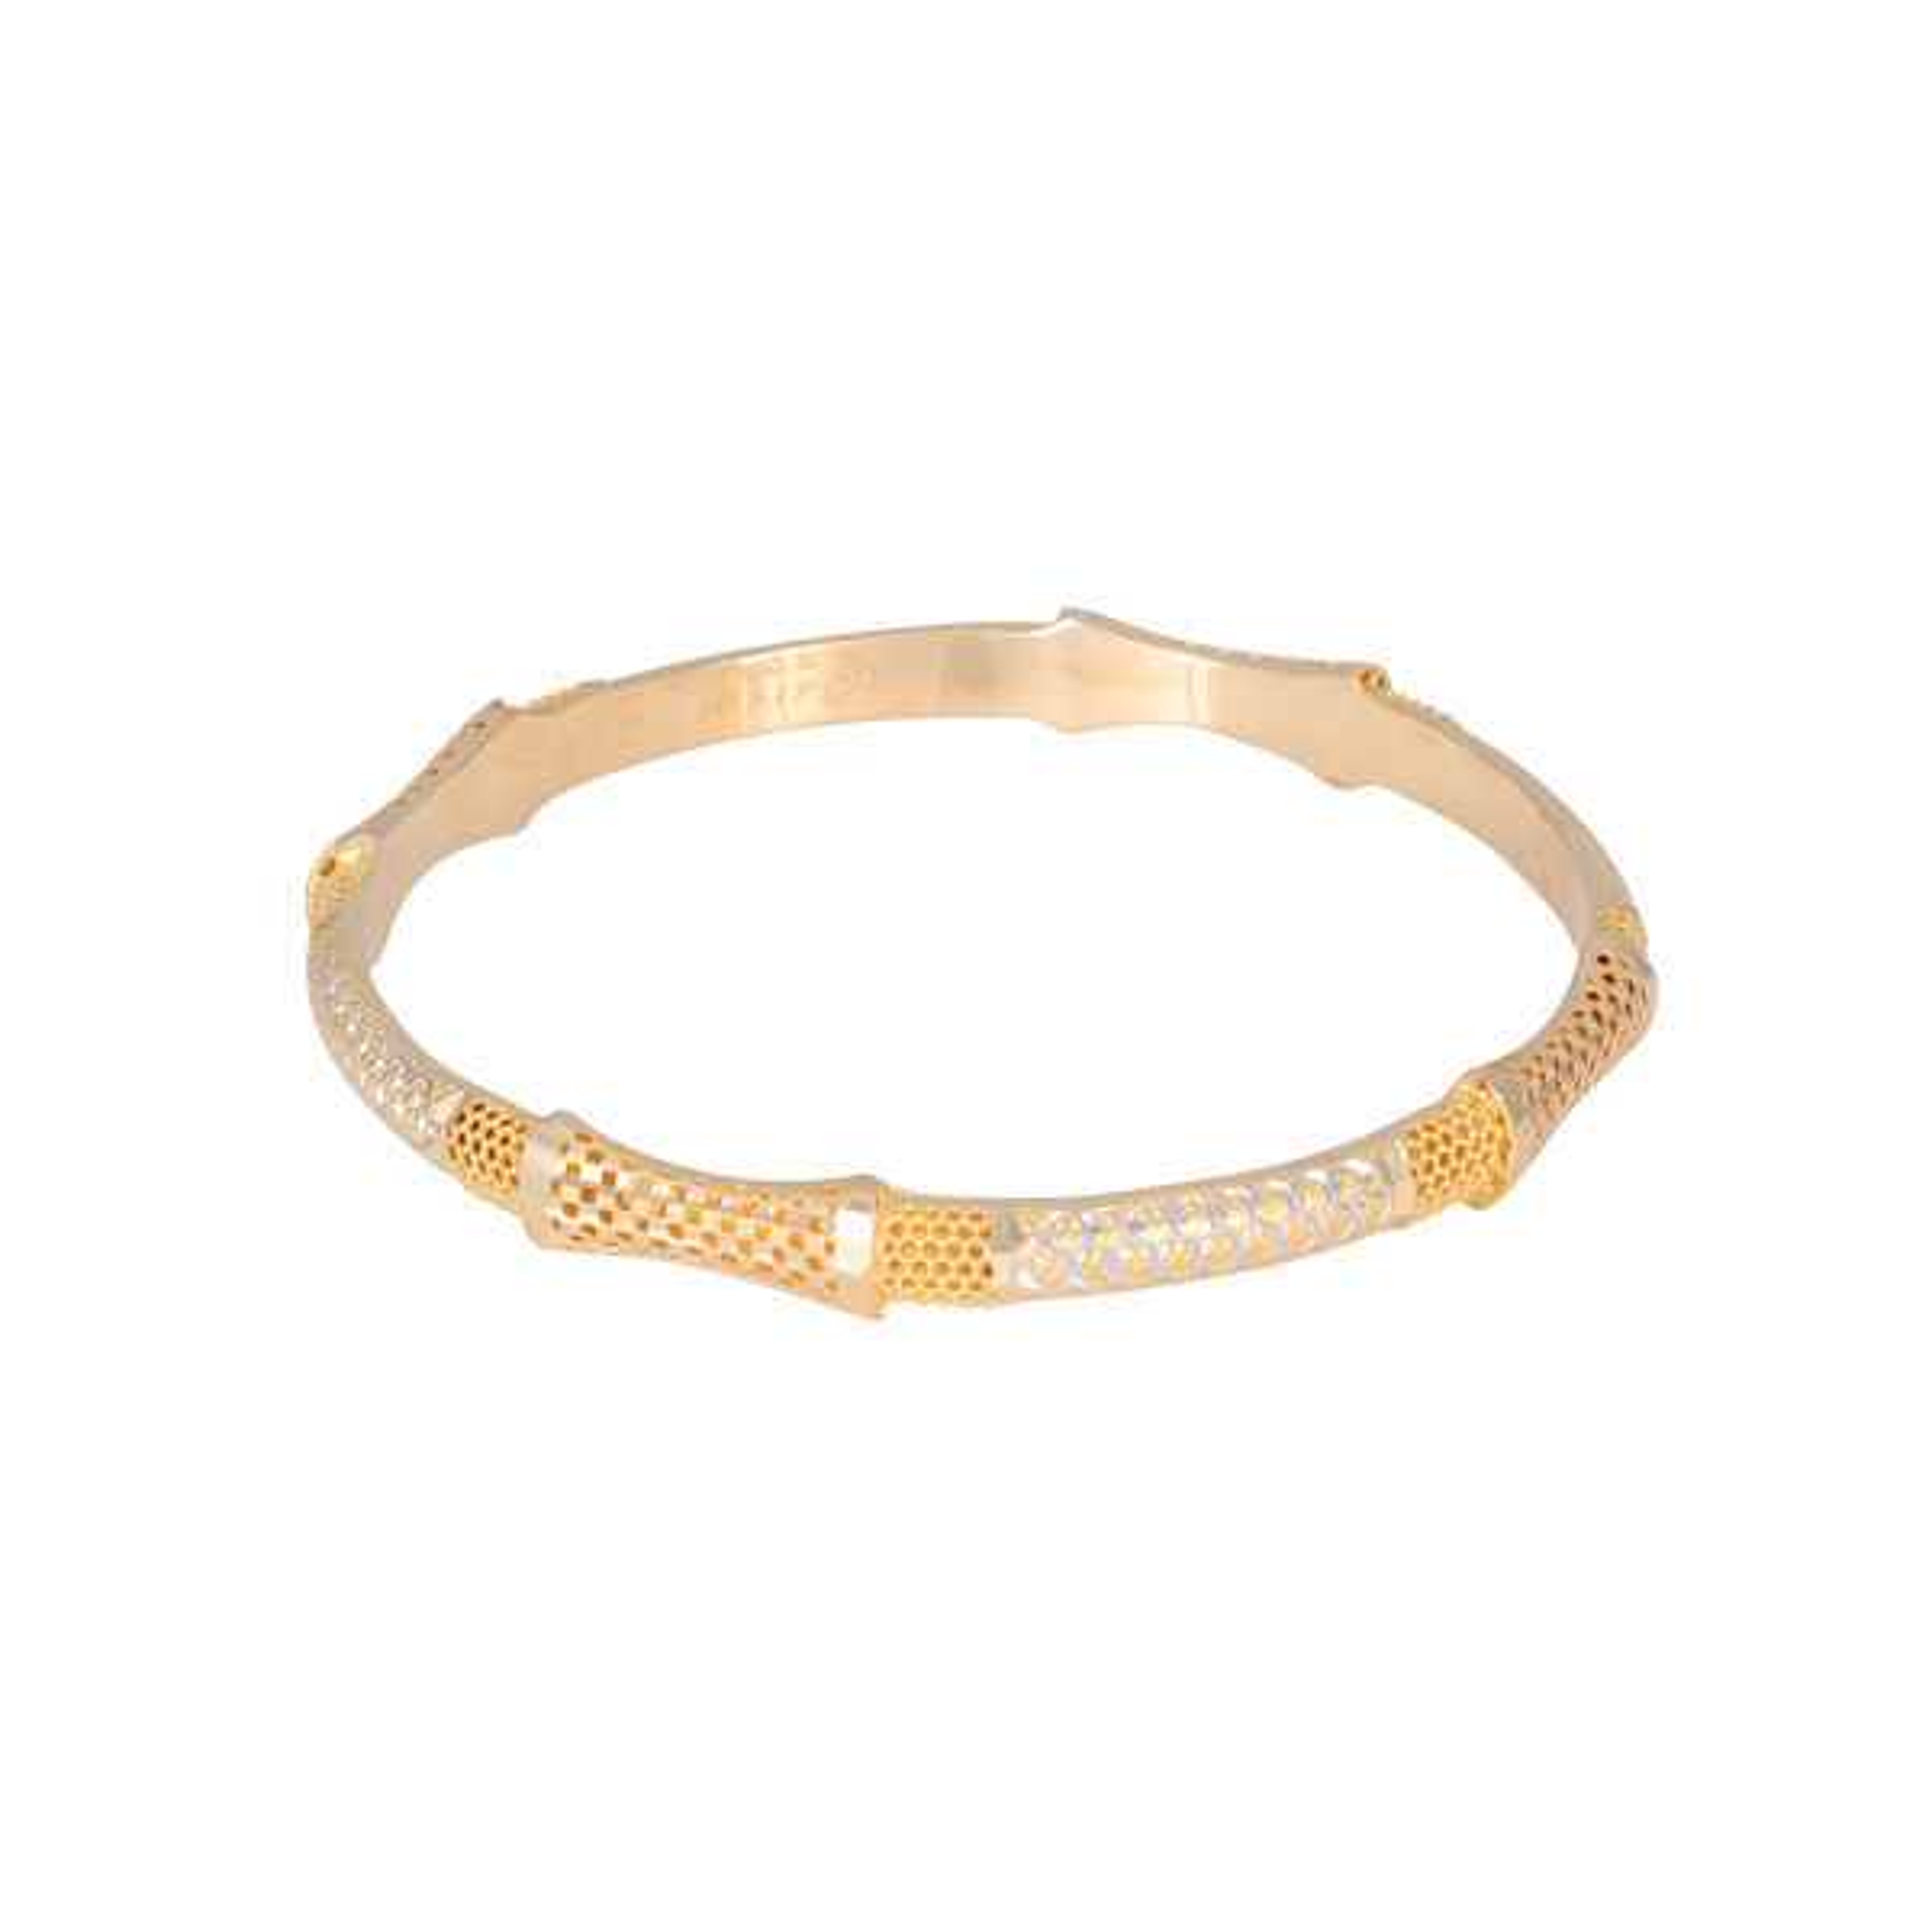 النگو طلا 18 عیار زنانه کد G738